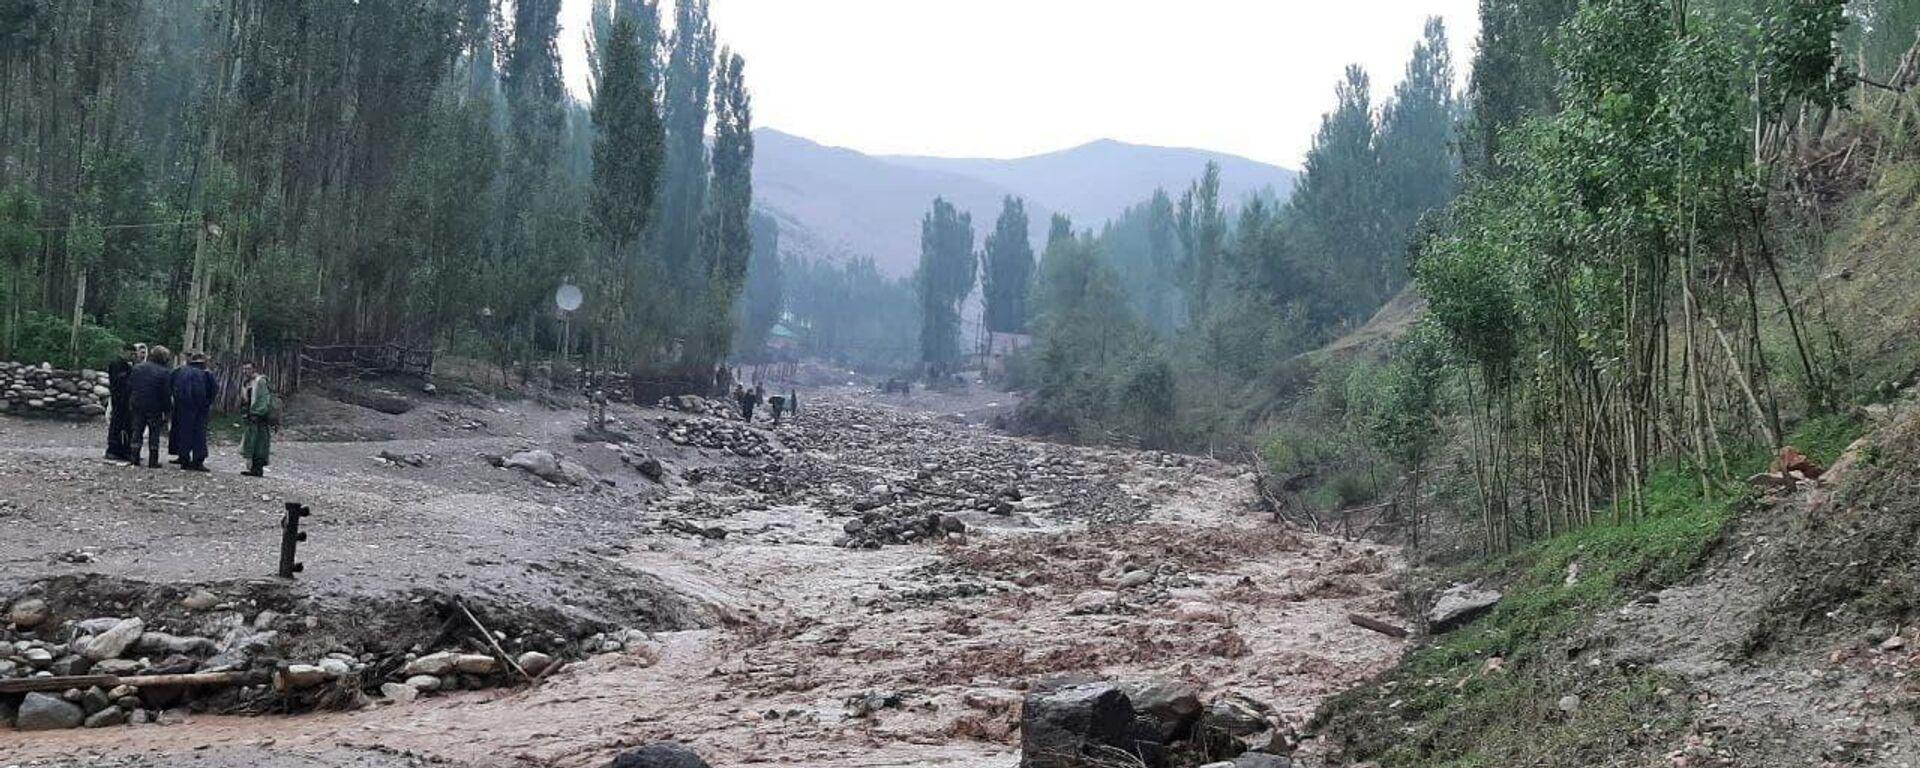 20 июля в горных районах Шахрисабза (Кашкадарьинская область) сошел сель - Sputnik Узбекистан, 1920, 21.07.2021